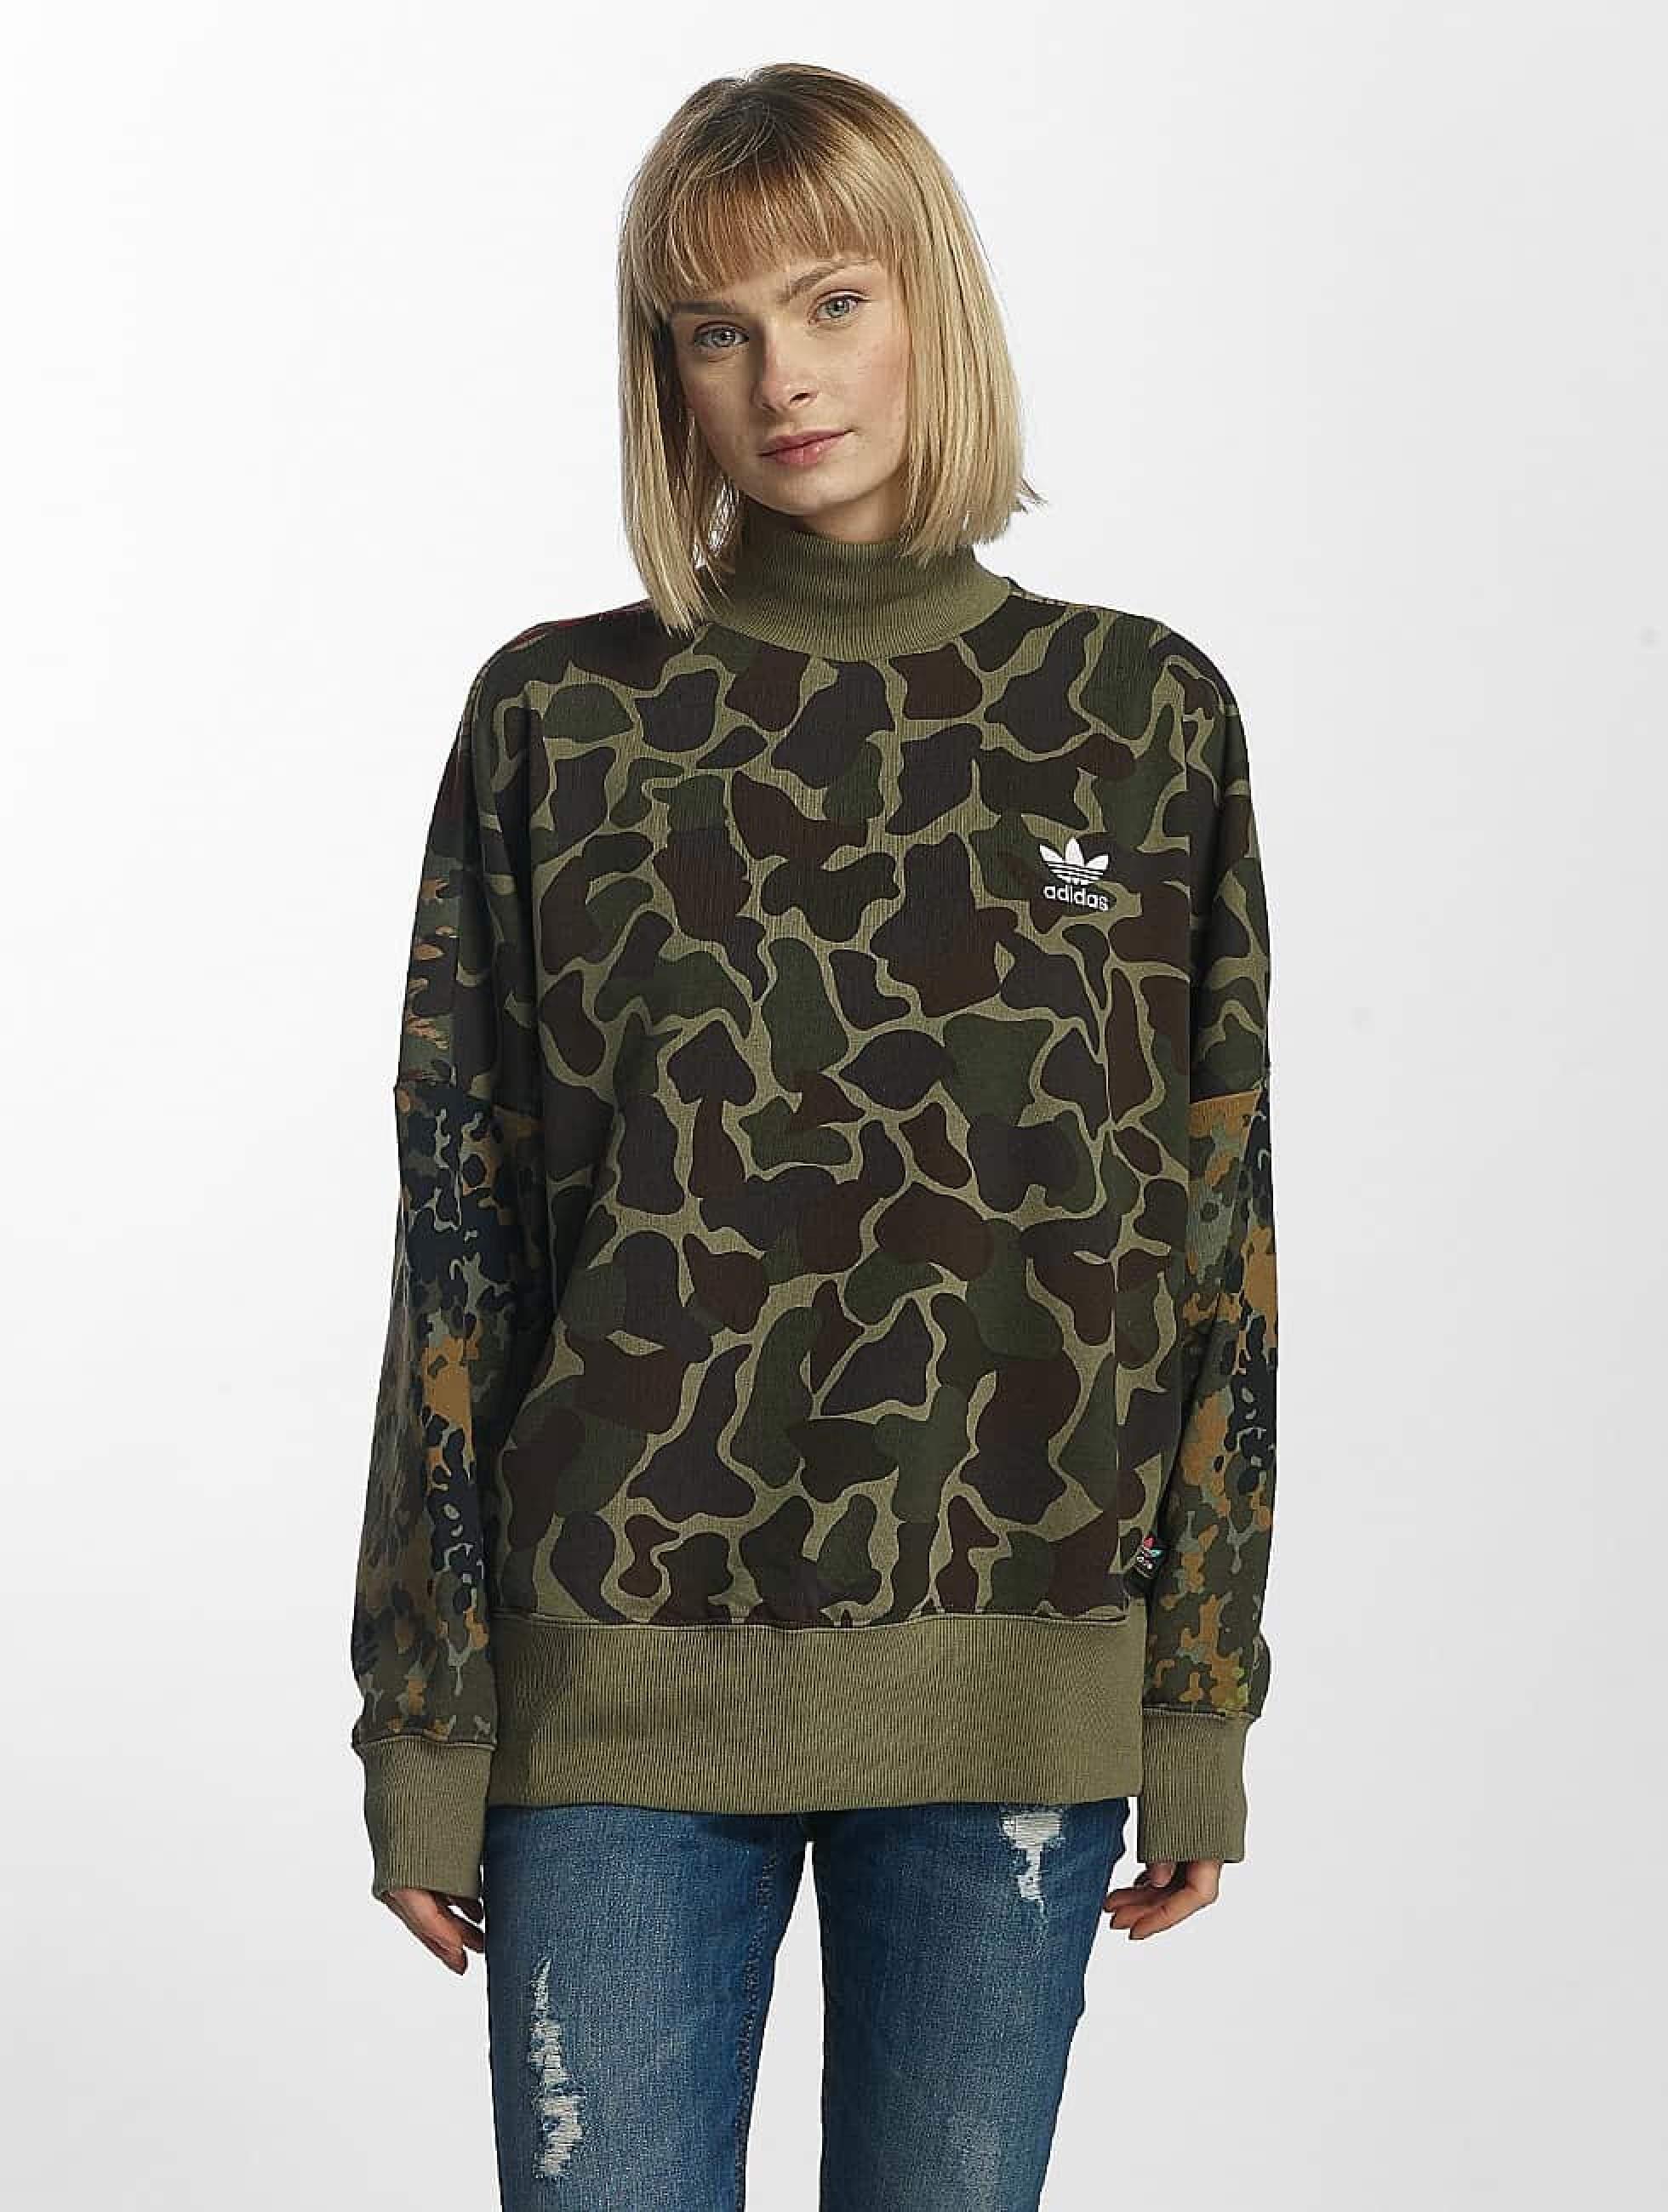 best sneakers a4ba1 a0e3a adidas originals Yläosat   PW HU Hikingg Puserot   camouflage 369419